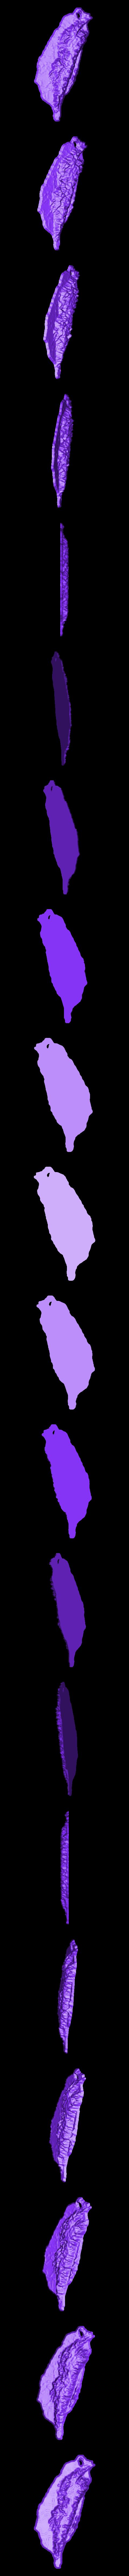 Formosa_without_Taipei.stl Télécharger fichier STL gratuit Modèles topographiques de Formosa (Taiwan) • Objet à imprimer en 3D, Ing-Ki